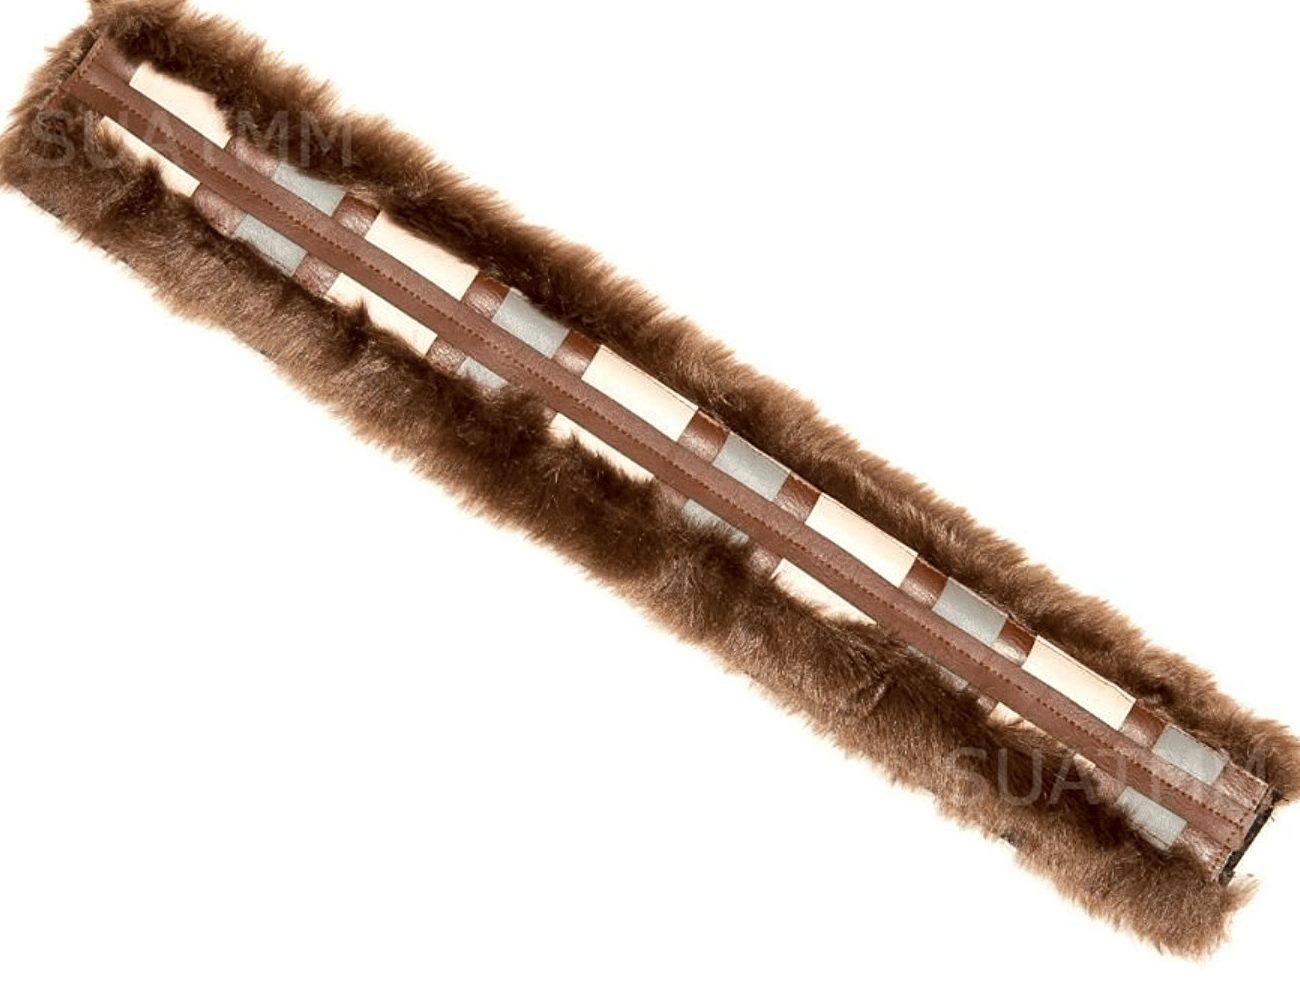 Chewbelta Chewbacca Seat Belt Cover